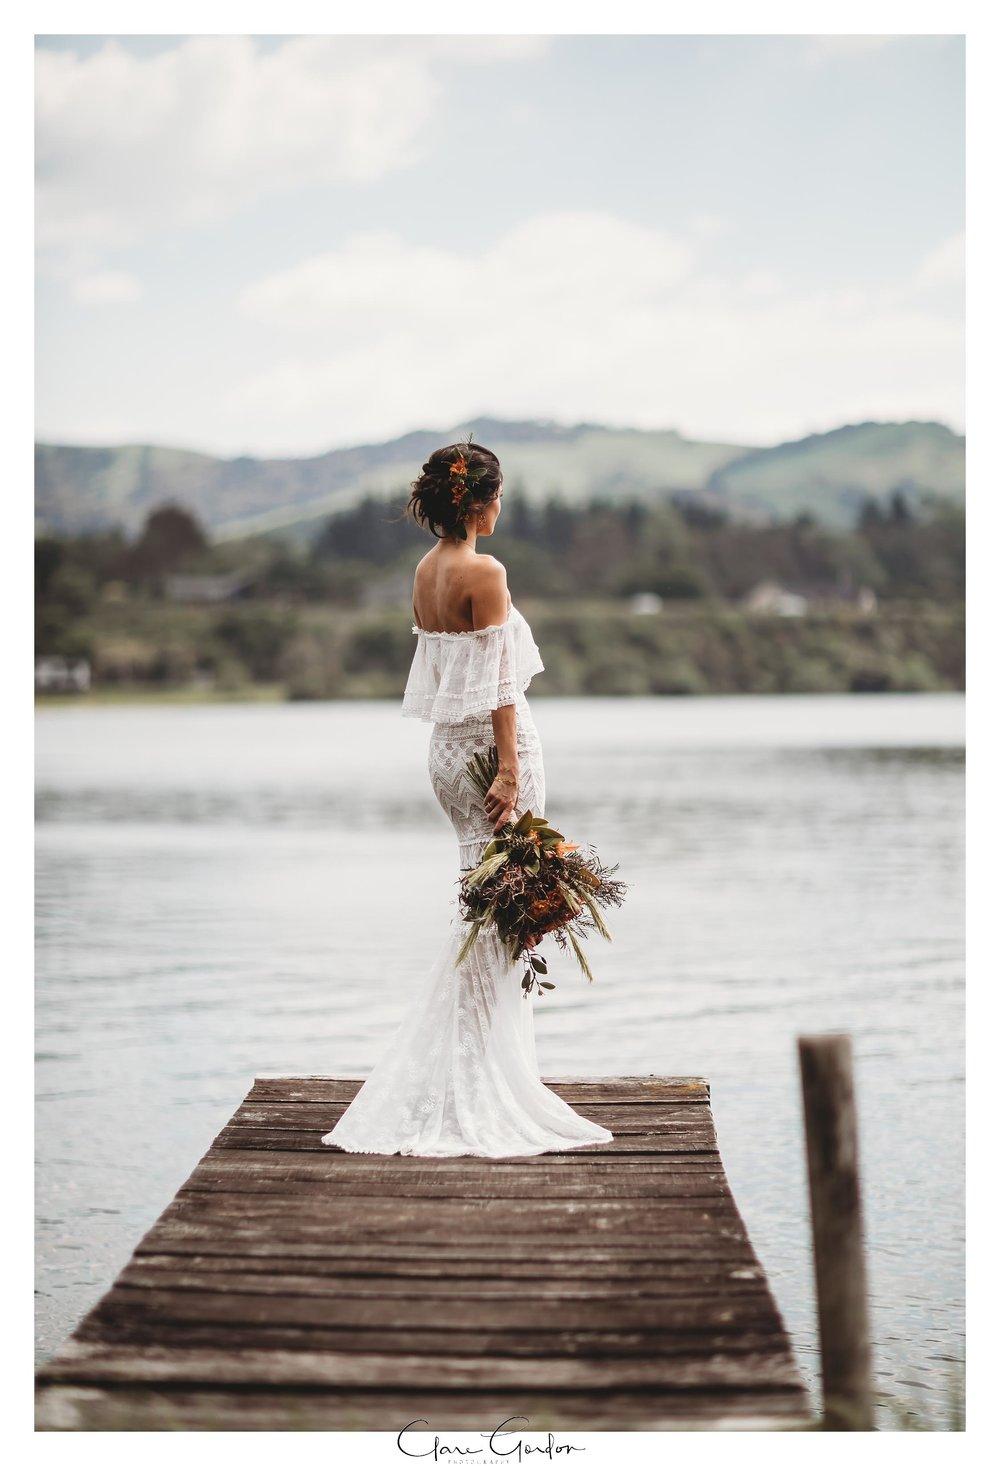 The Boatshed-Wedding-lake-karapiro-Waikato (60).jpg